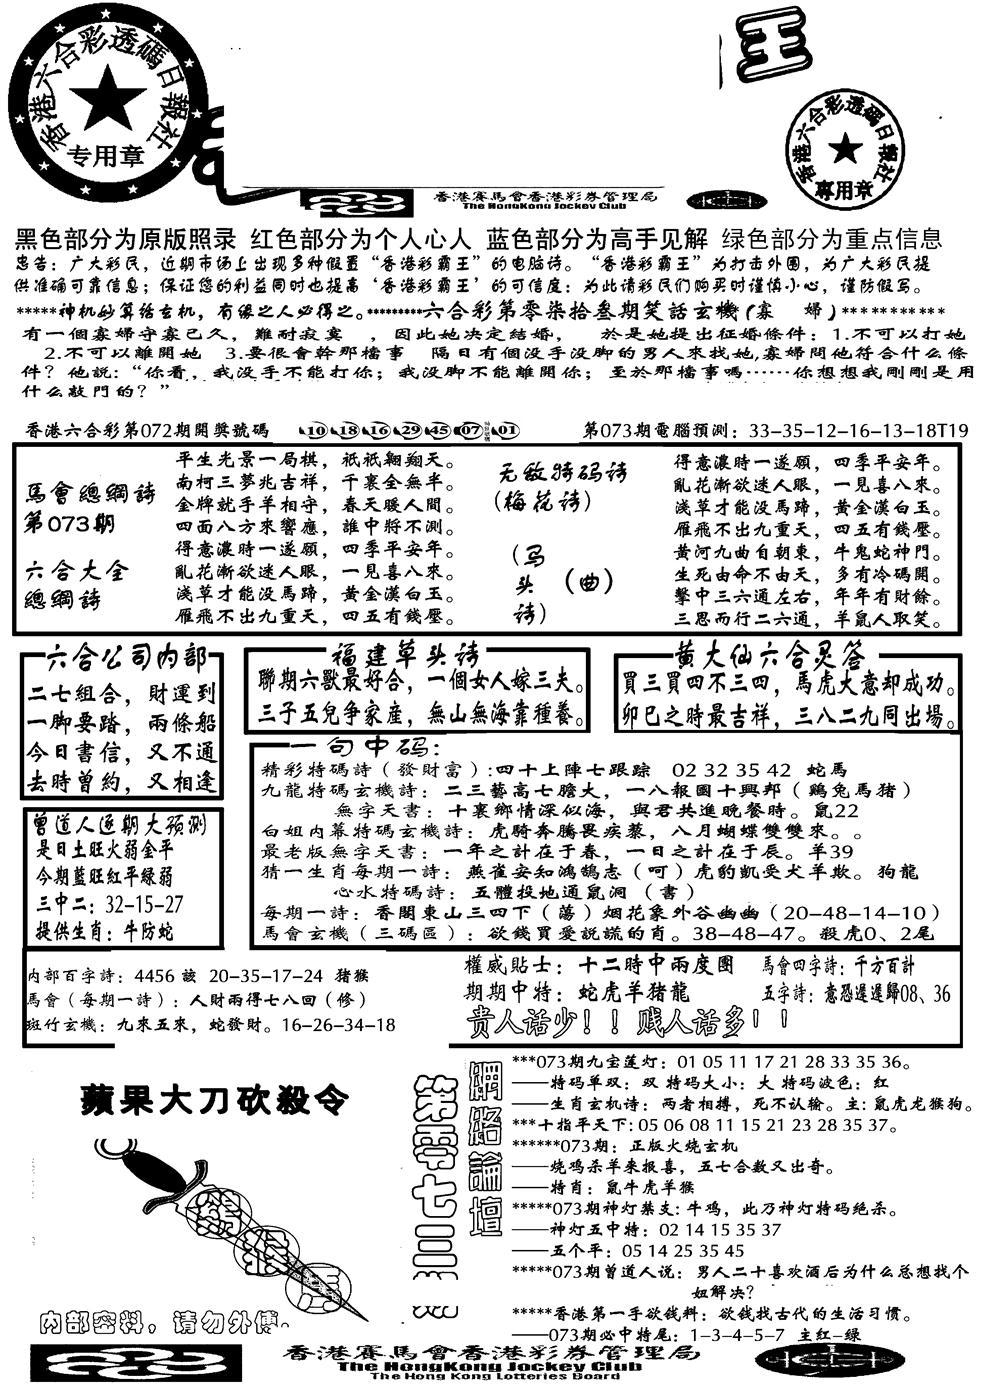 073期大刀彩霸王A(黑白)